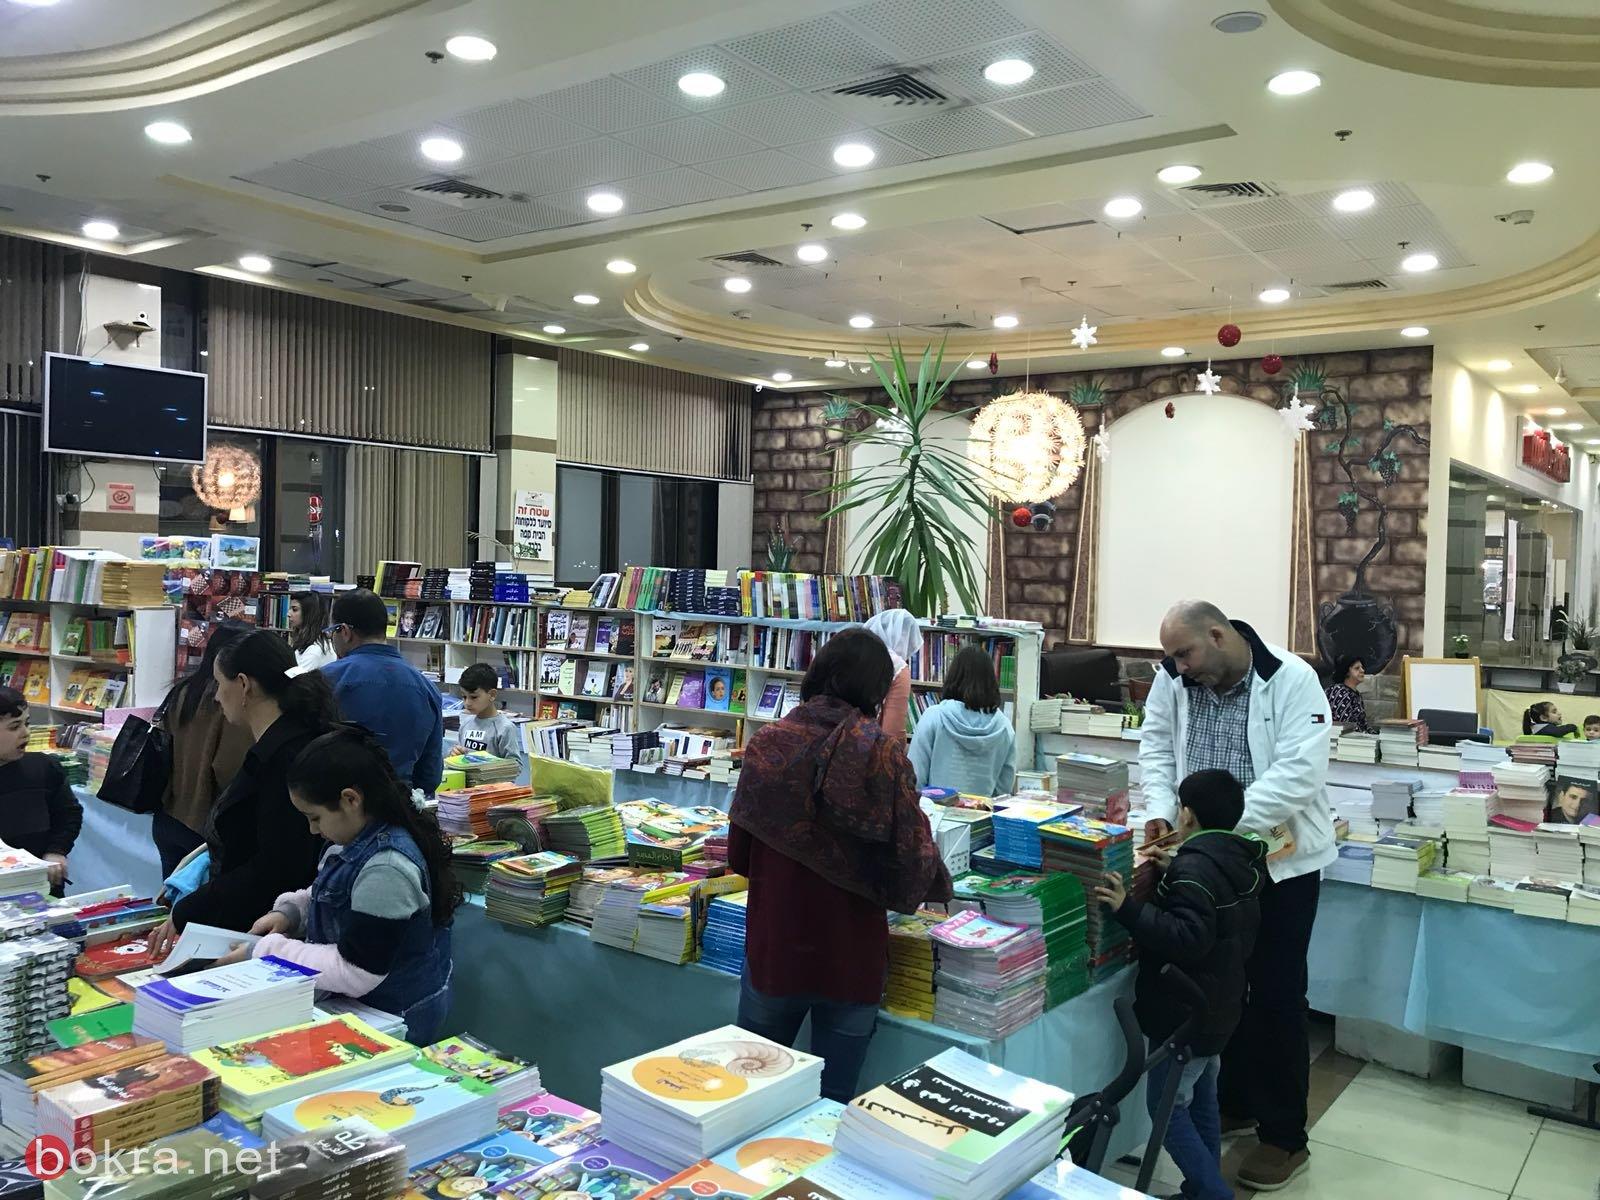 معرض الكتاب في كنيون كنعان- يركا يحقق نجاحاً كبيراً ، المستمر حتى السبت 10.3.18-2